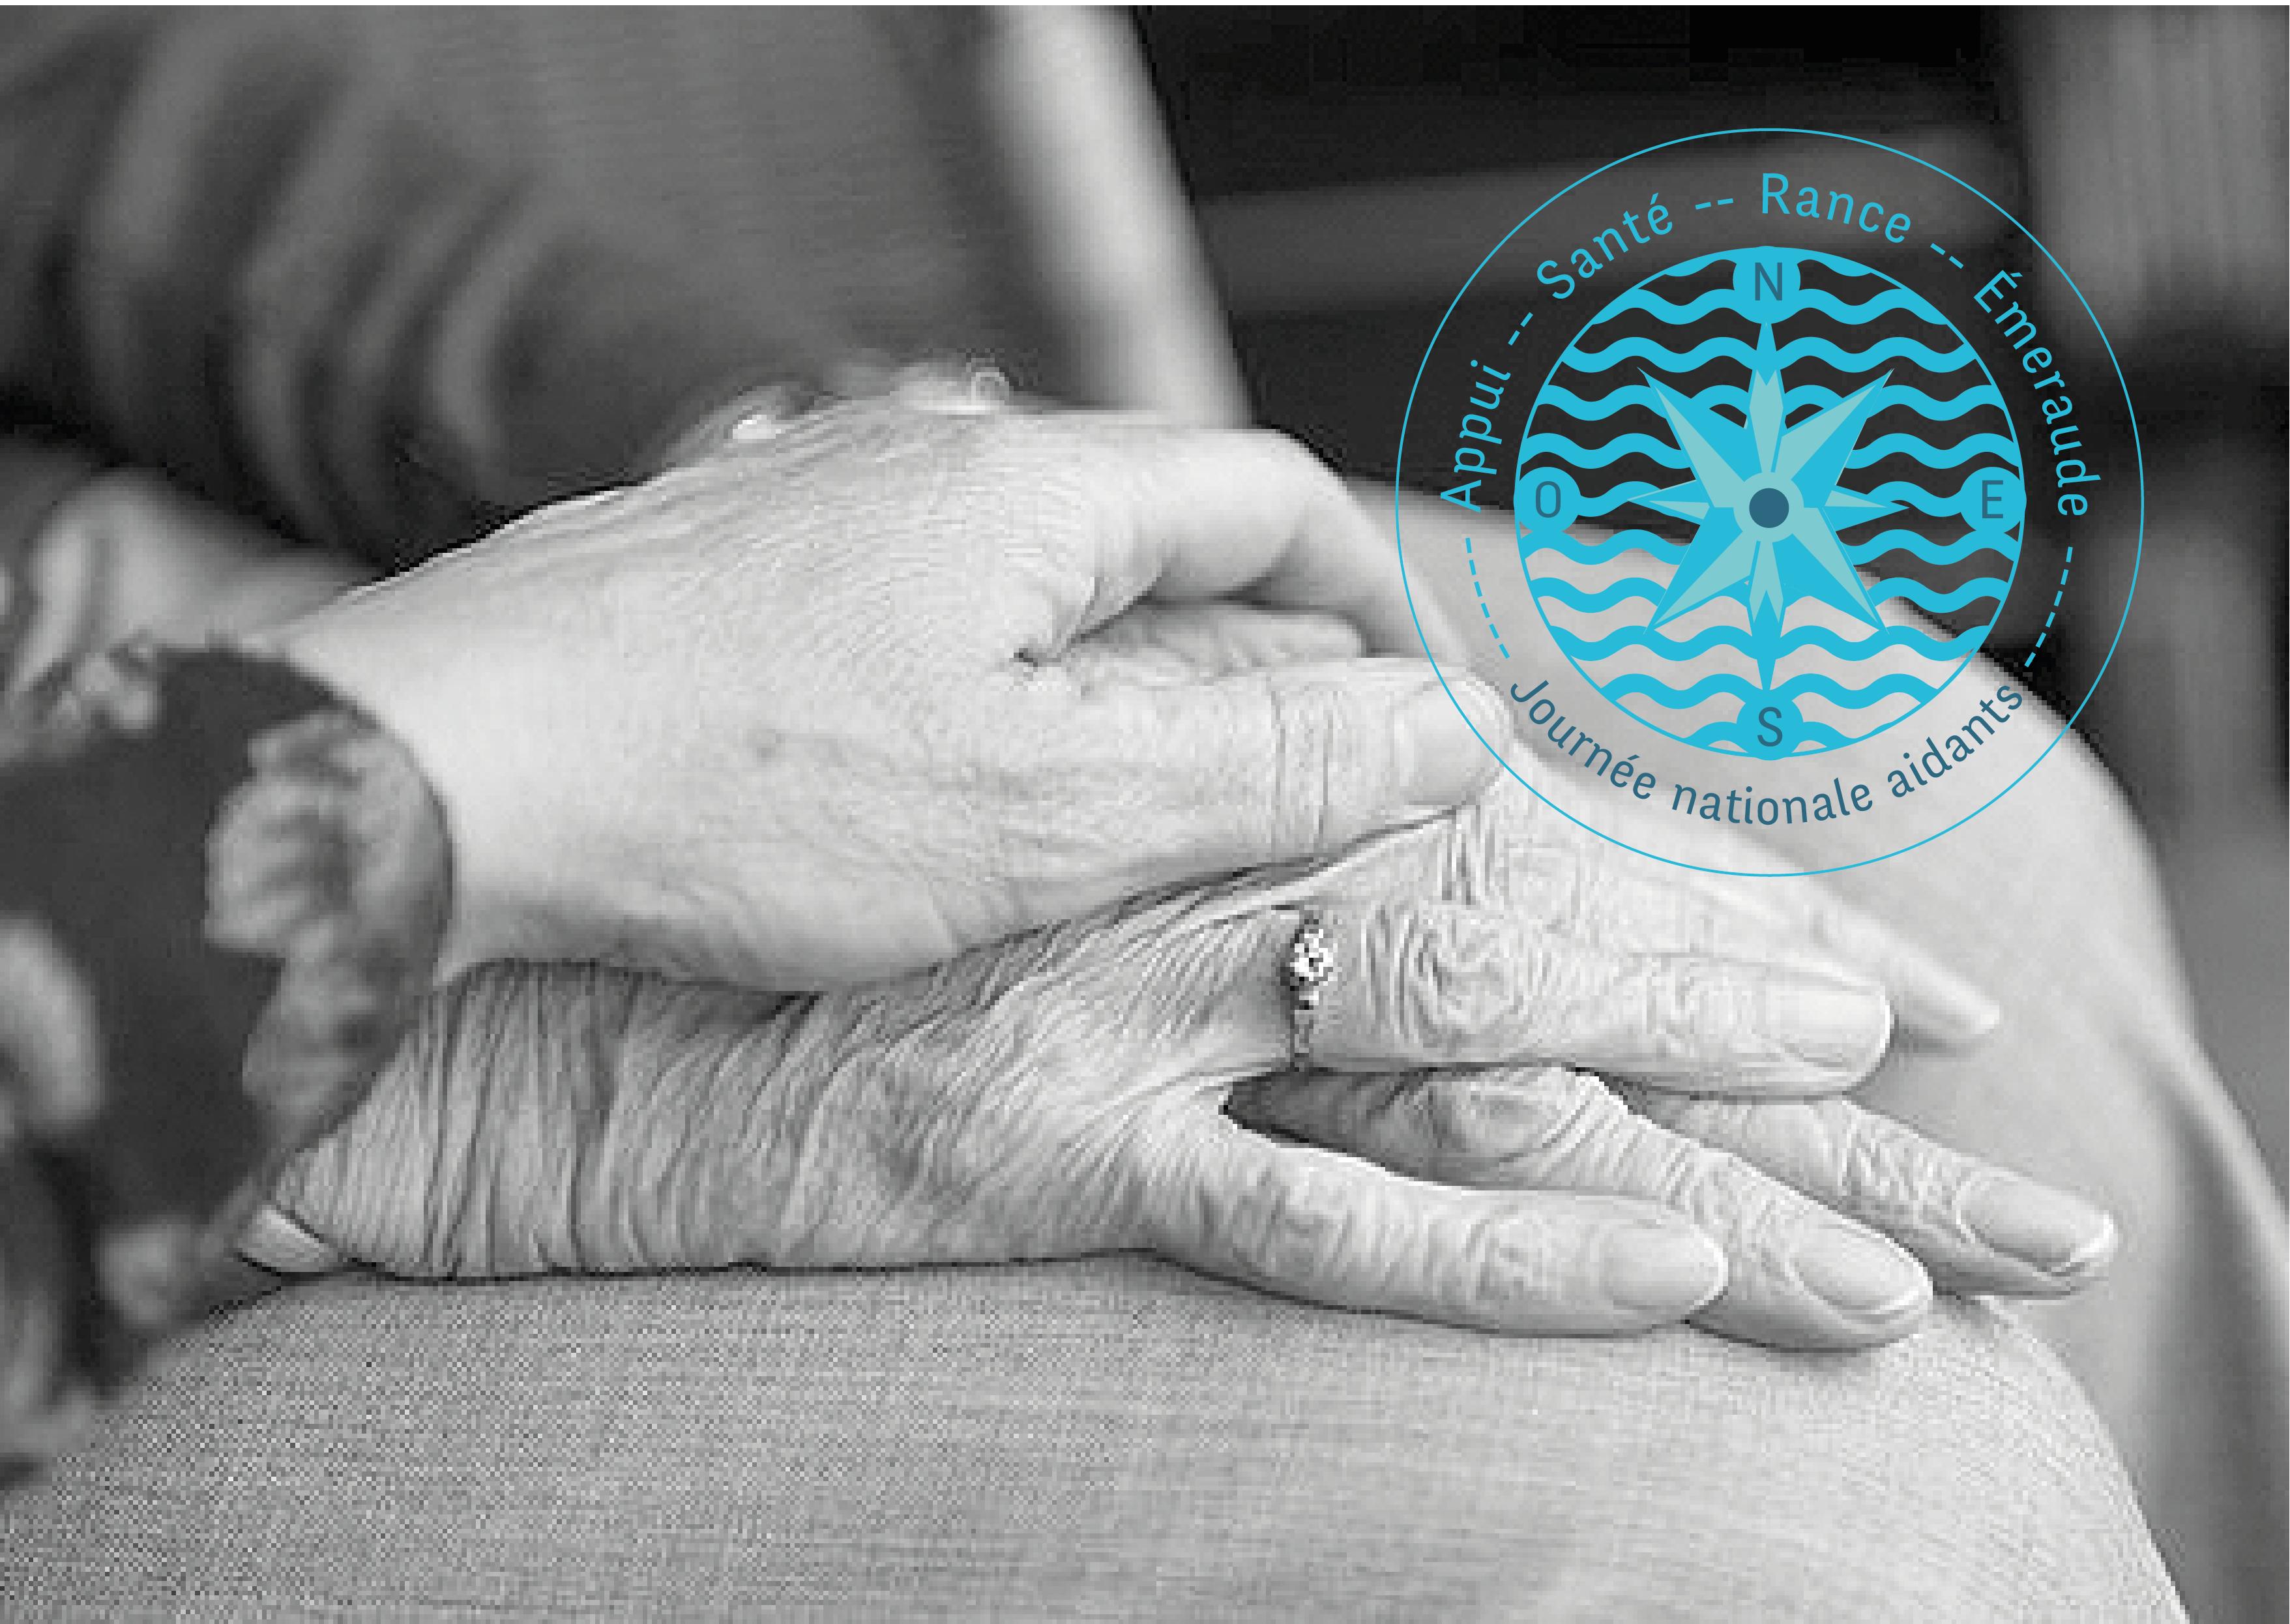 Appui Santé Rance Emeraude engagée le 6 octobre pour la journée nationale des aidants